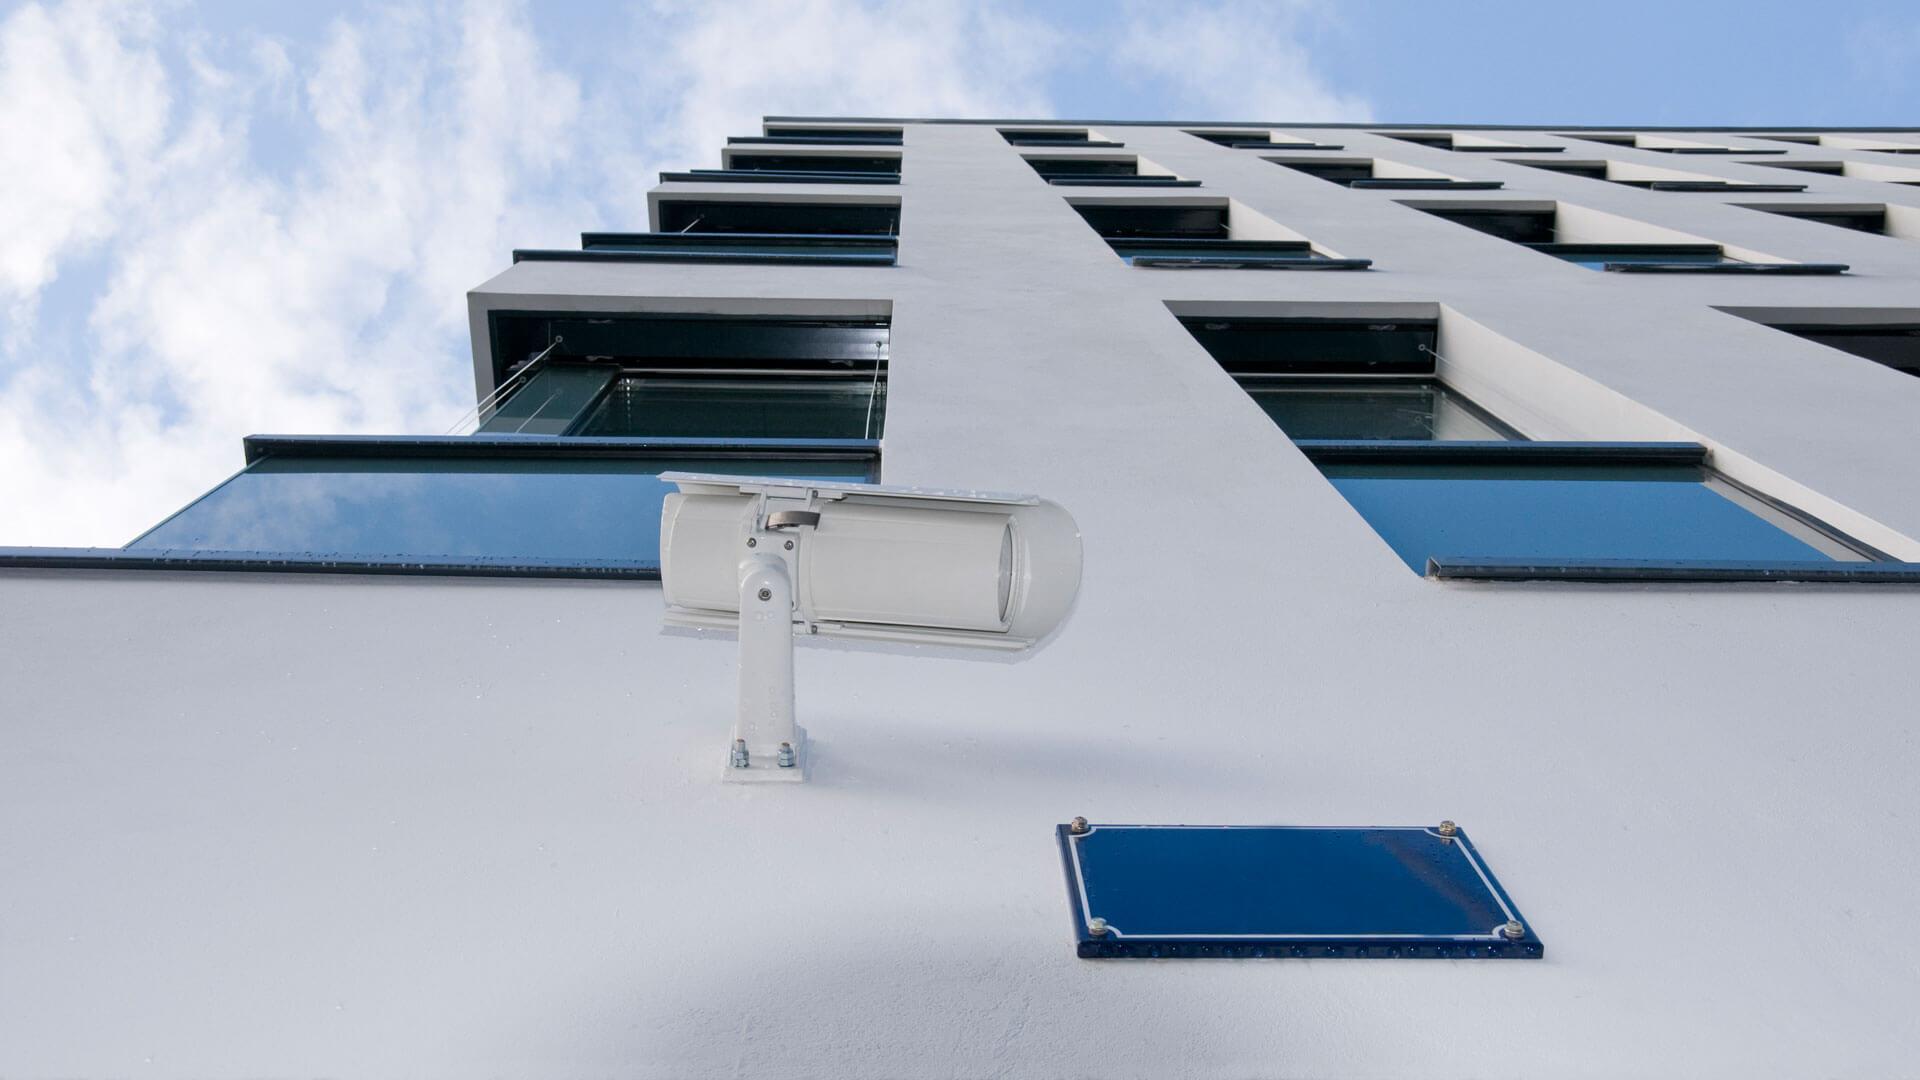 Der Objektschutz von SAAD Facility Management überwacht ein mehrstöckiges Gebäude